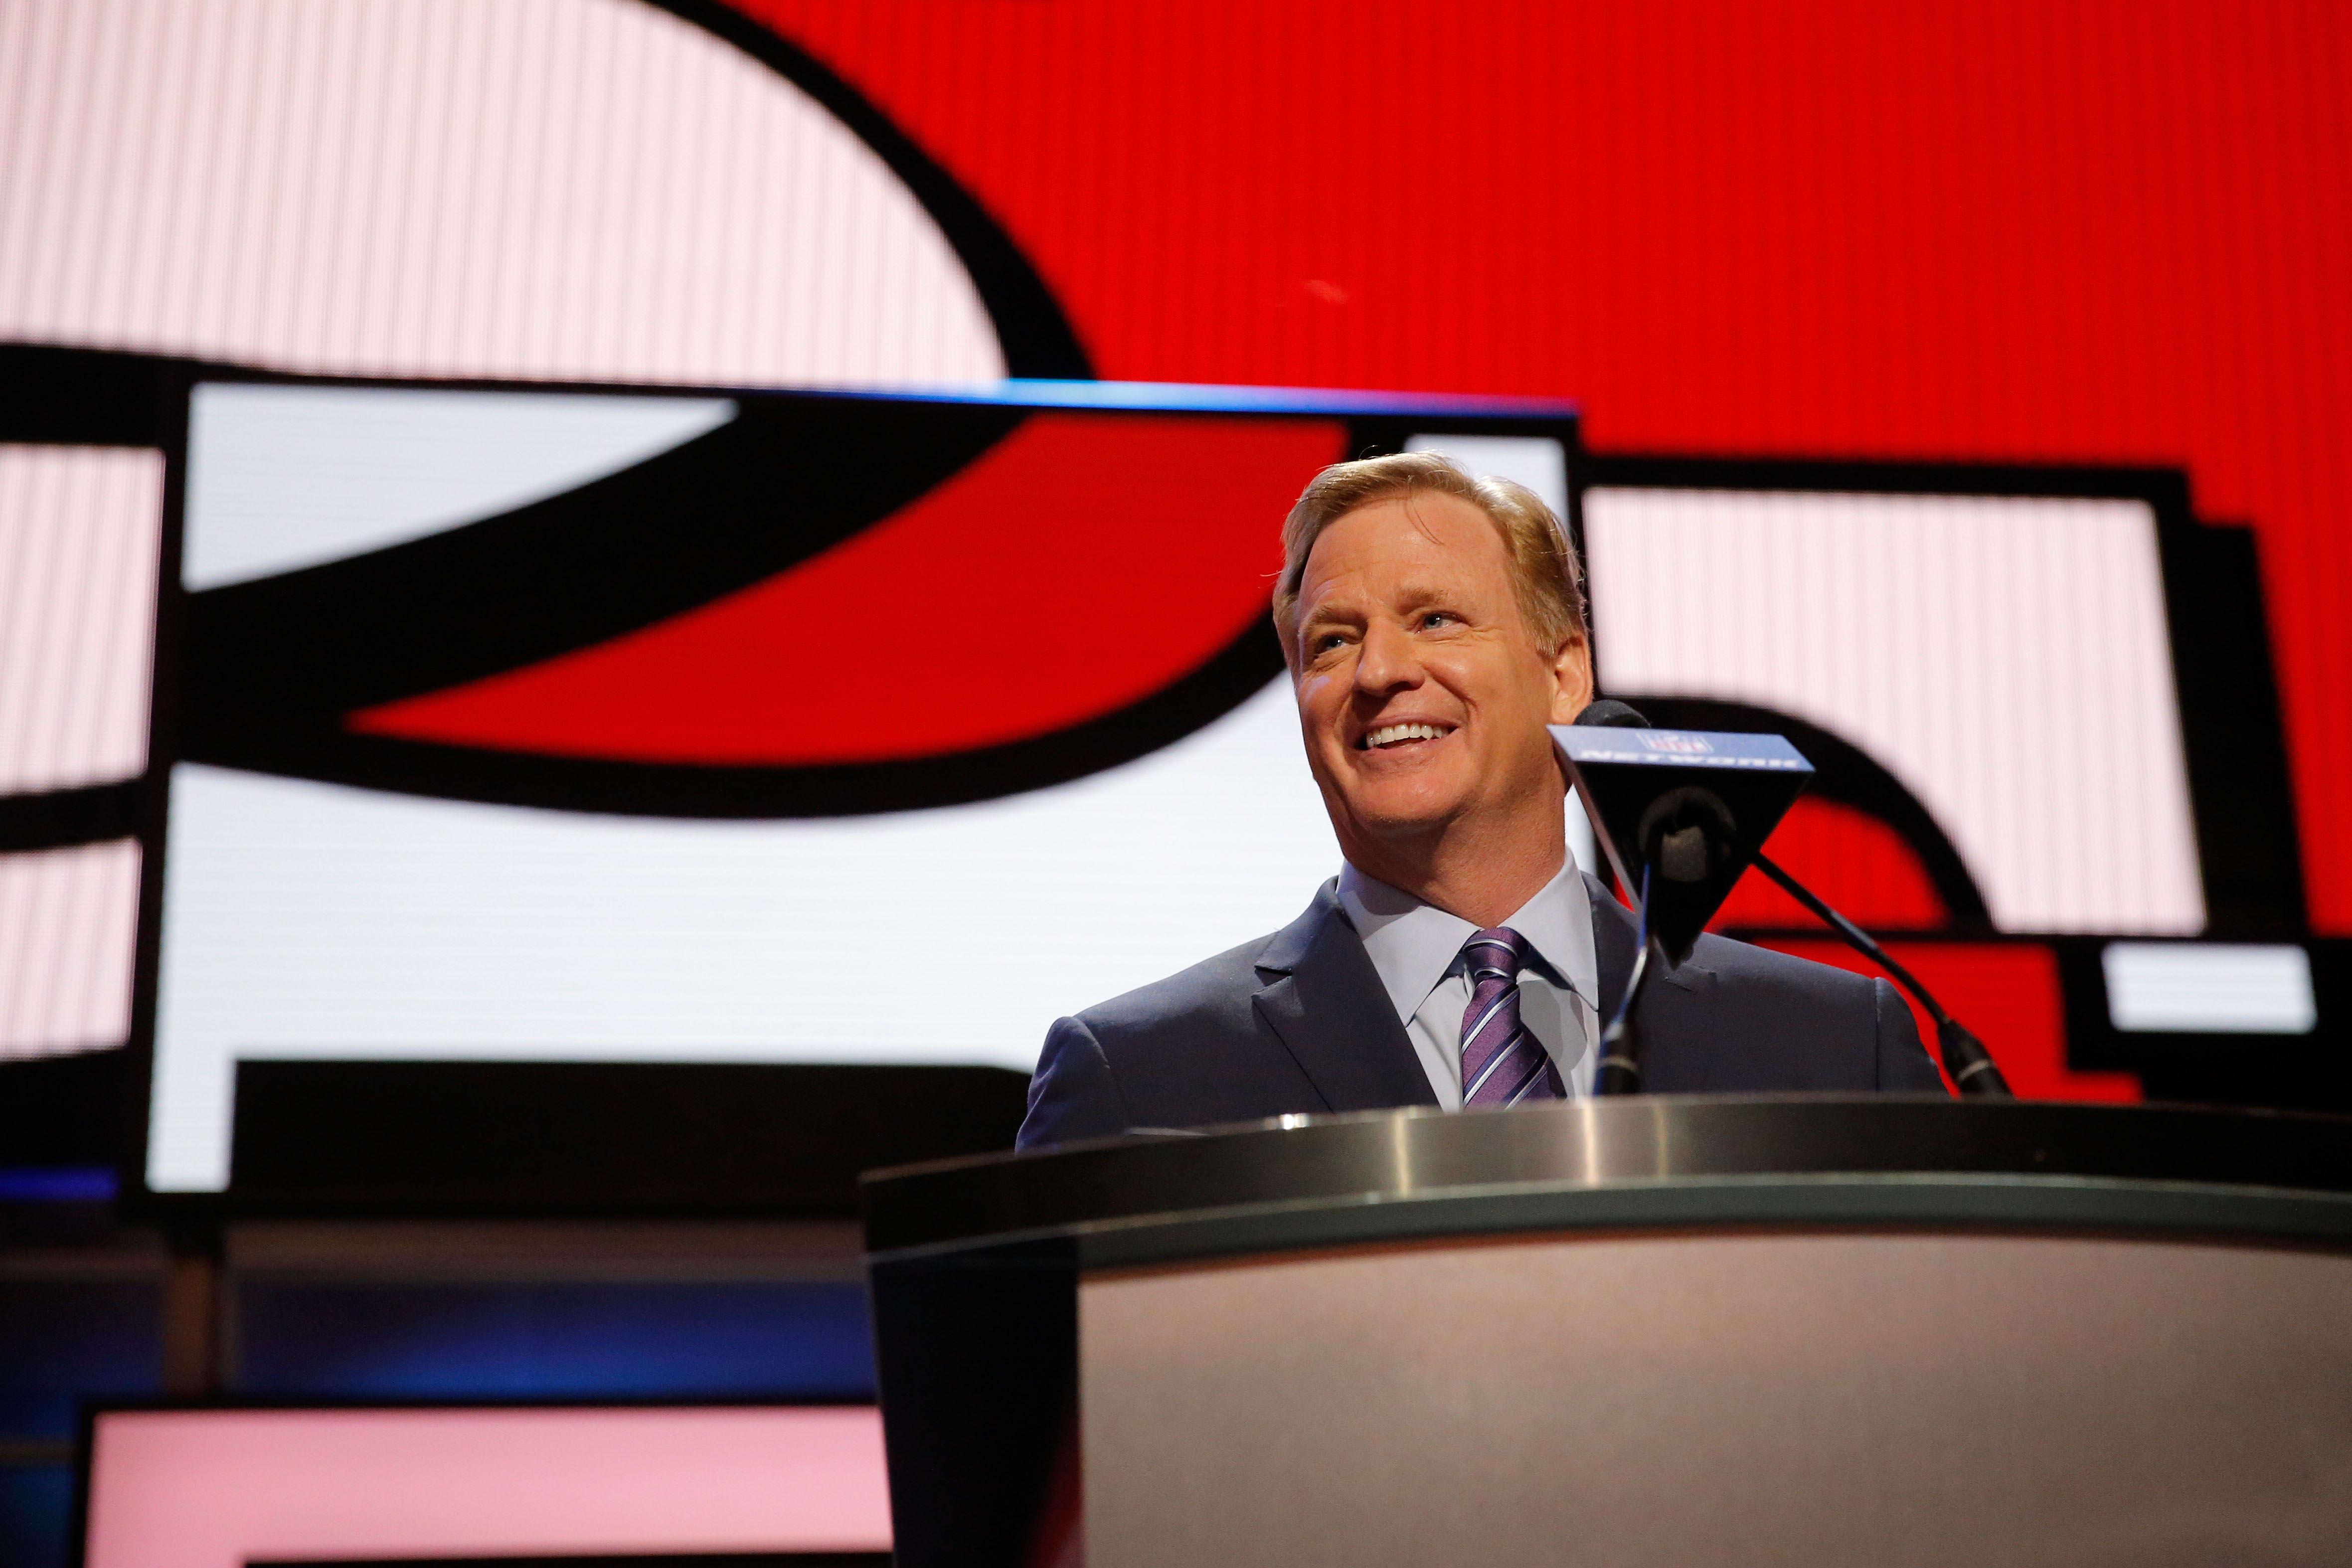 Roger Goodell, NFL Draft, 49ers